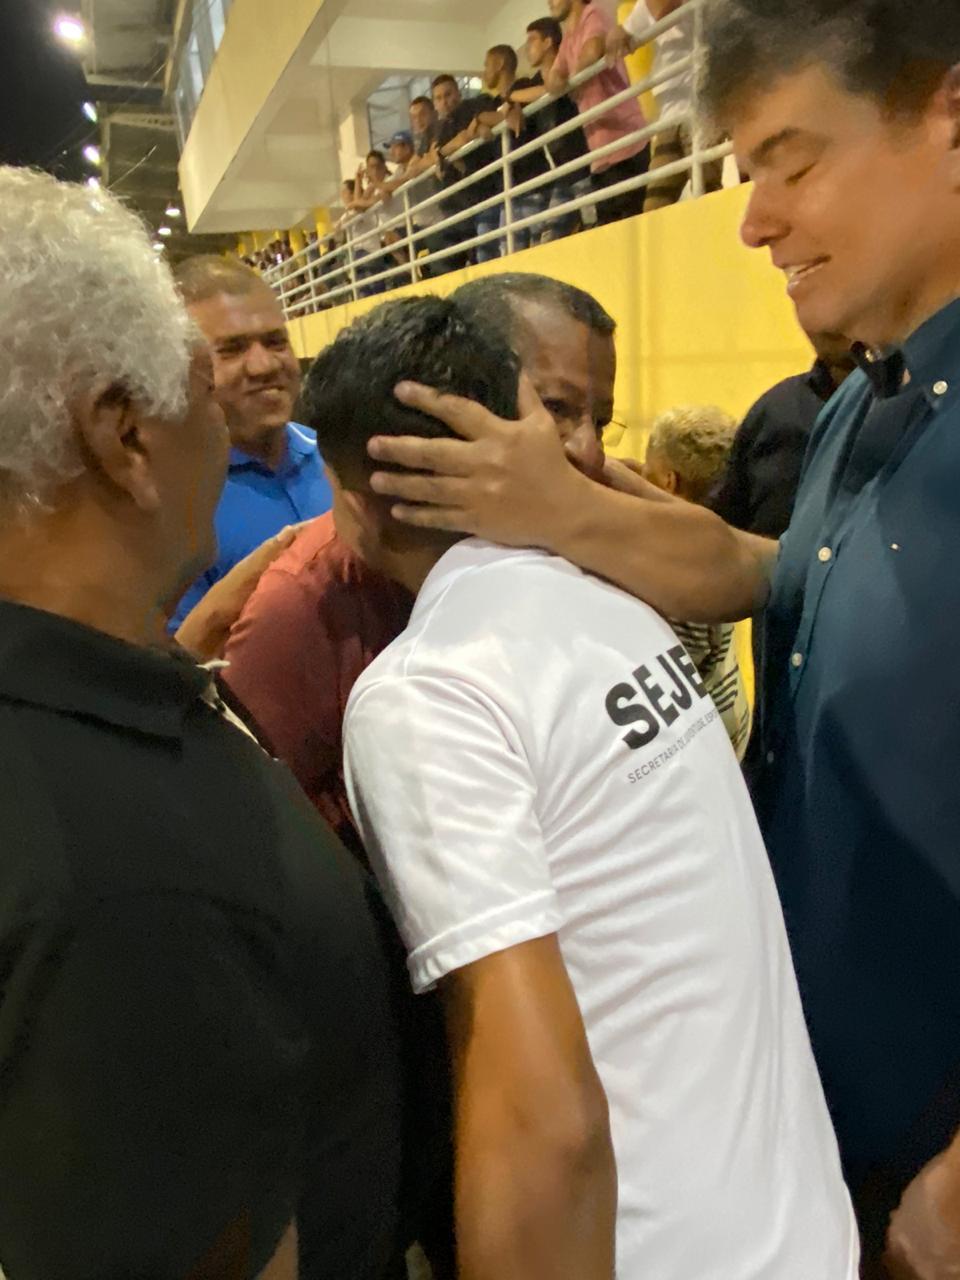 WhatsApp Image 2019 12 01 at 08.08.24 1 - COPA DE BAIRROS: Ruy Carneiro e Nilvan Ferreira comparecem à final de jogo em JP e fazem 'corpo a corpo' com torcida